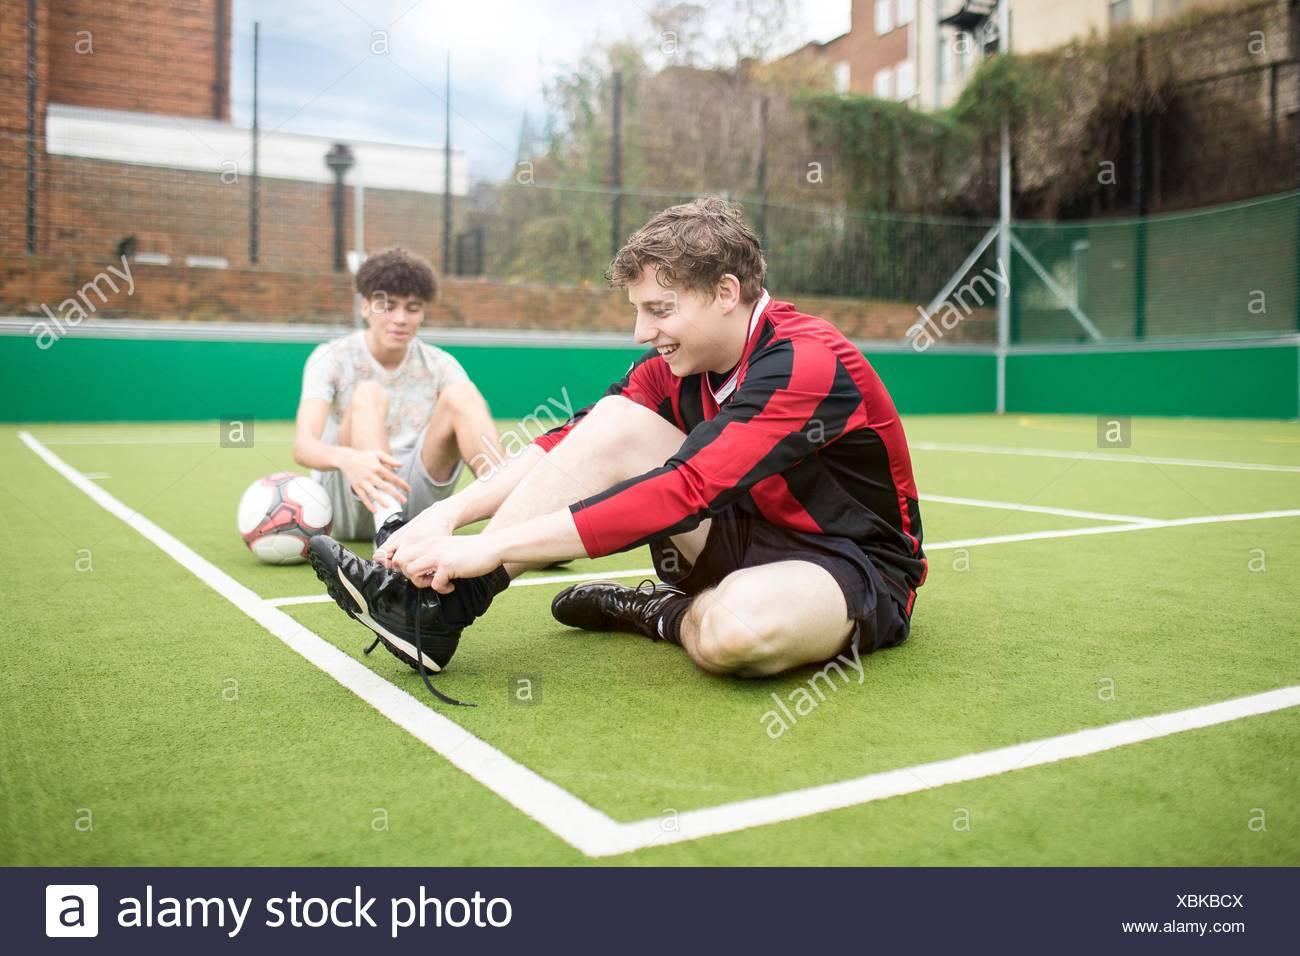 Deux jeunes hommes sur un terrain de football urbain, faire ses lacets Photo Stock